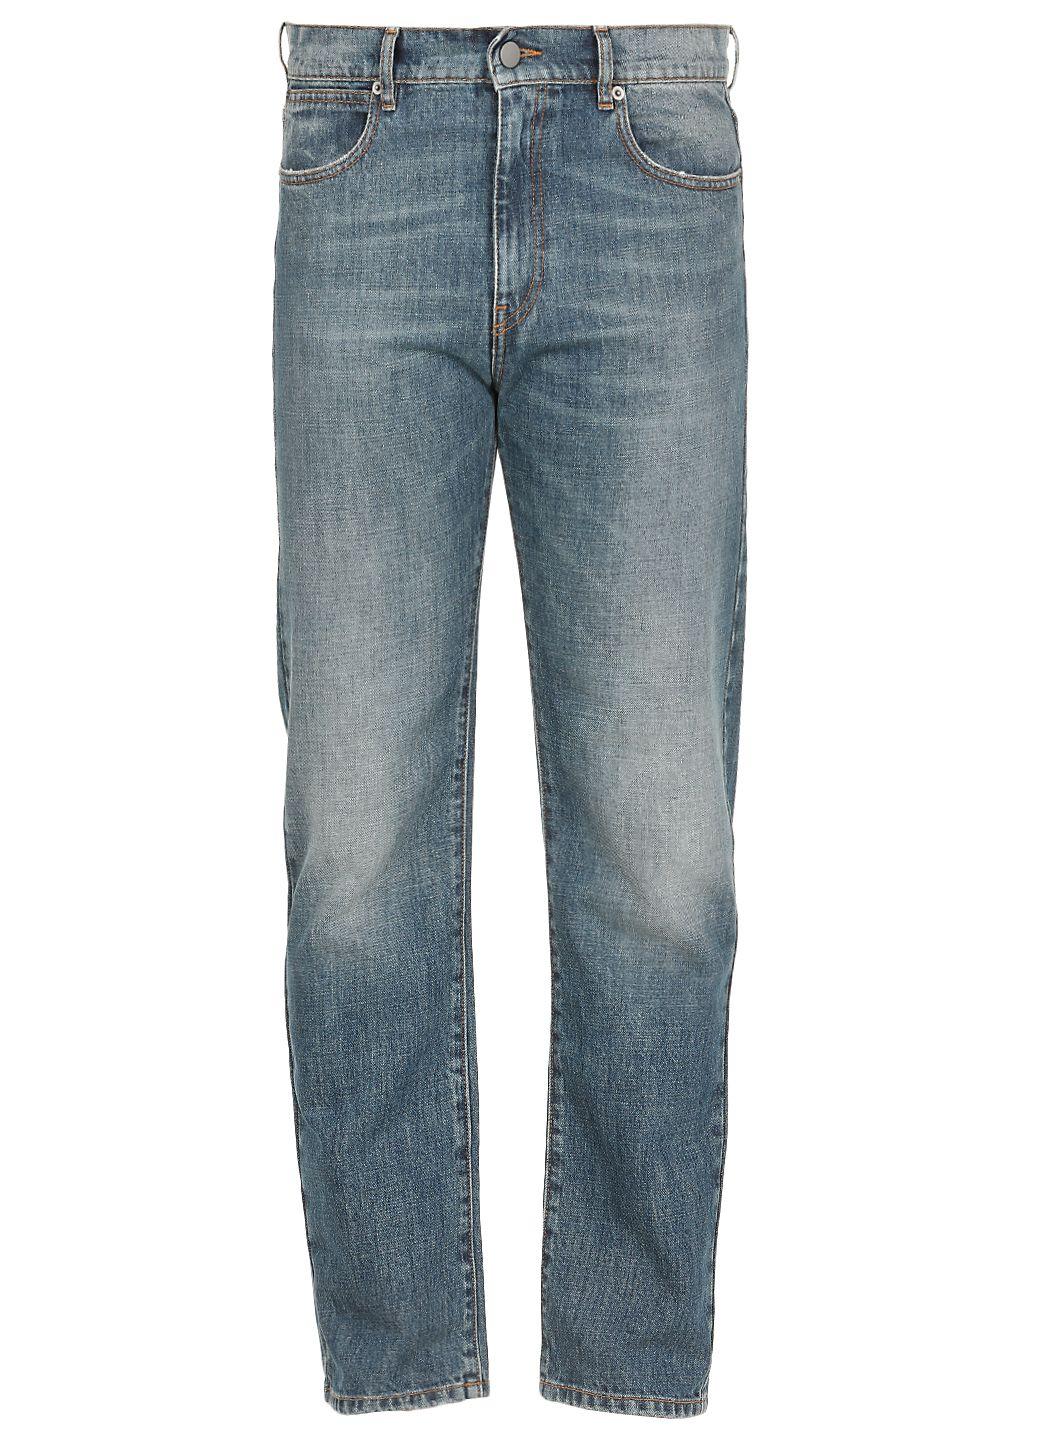 Foam Jeans